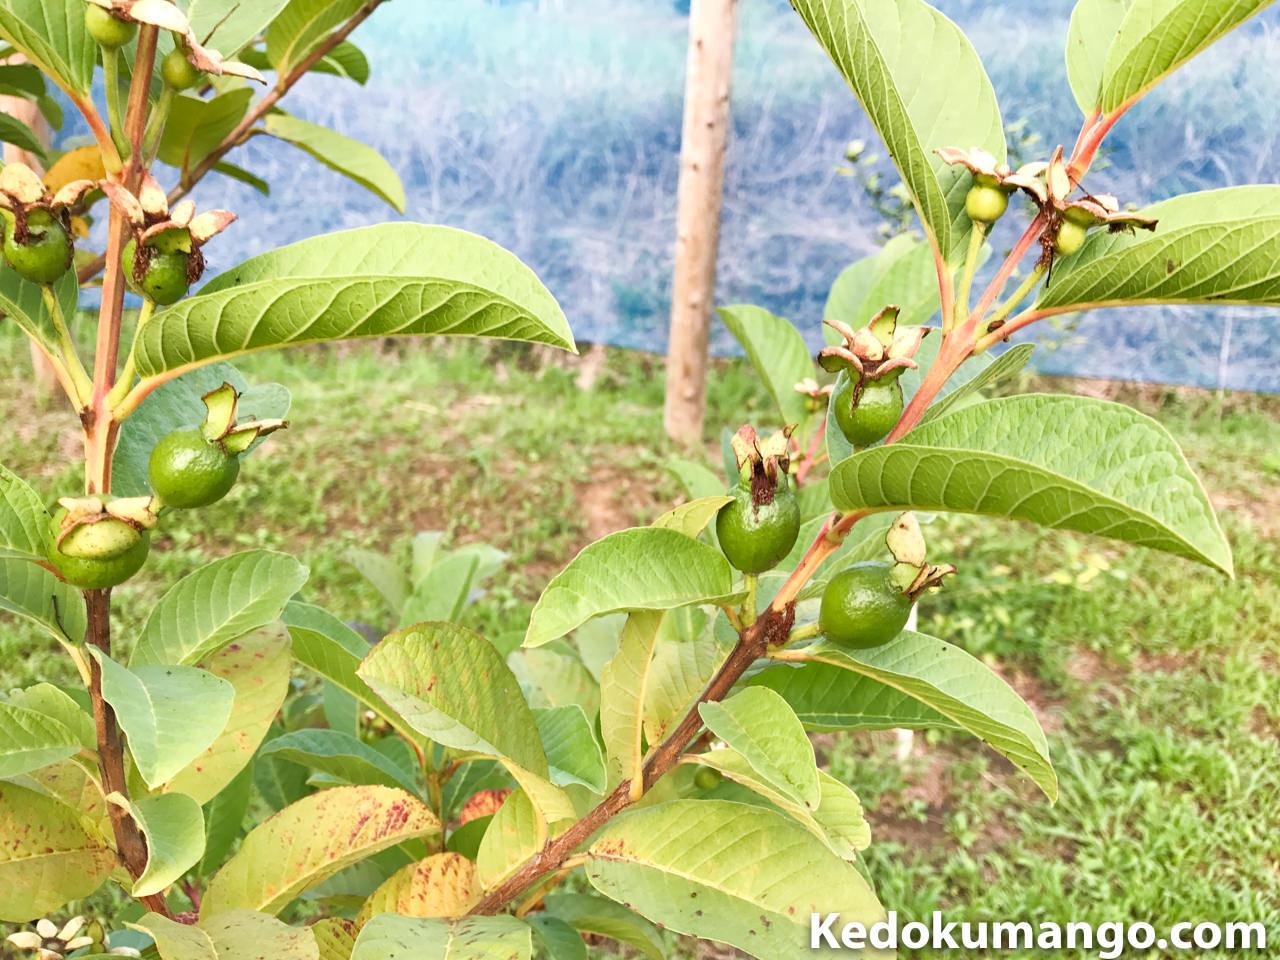 果実が肥大していくキンググアバ